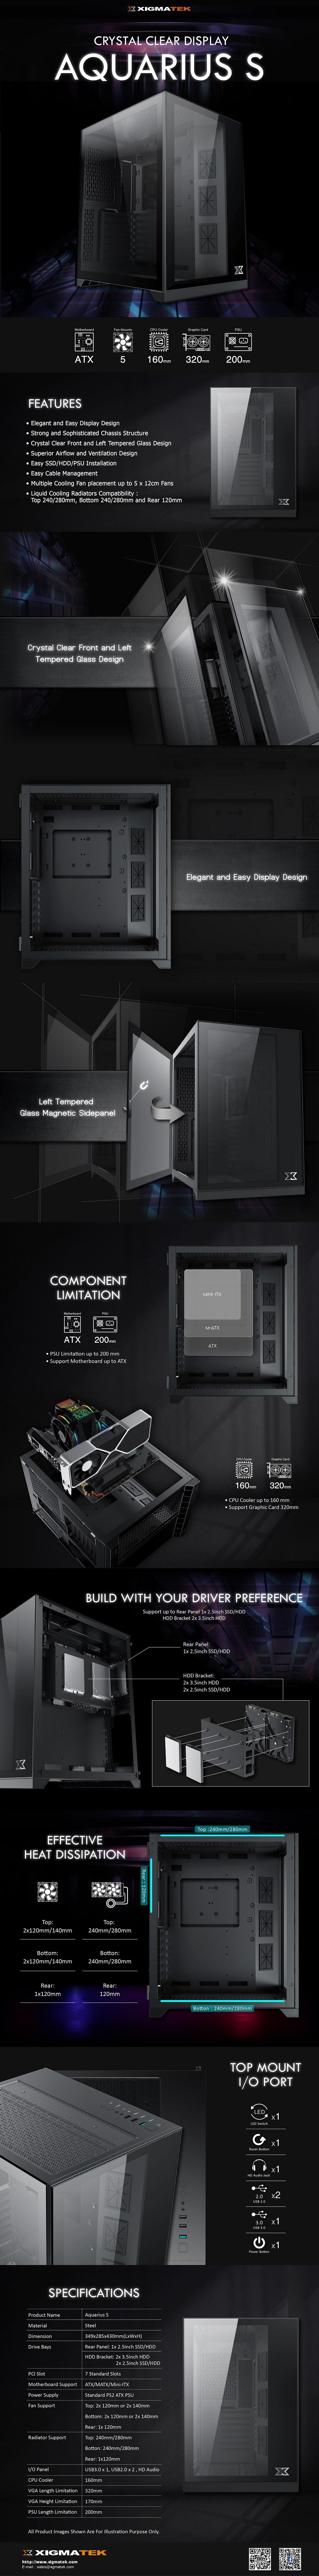 Vỏ Case Xigmatek  AQUARIUS S - BLACK EN46508 ( Mid Tower/Màu Đen) giới thiệu